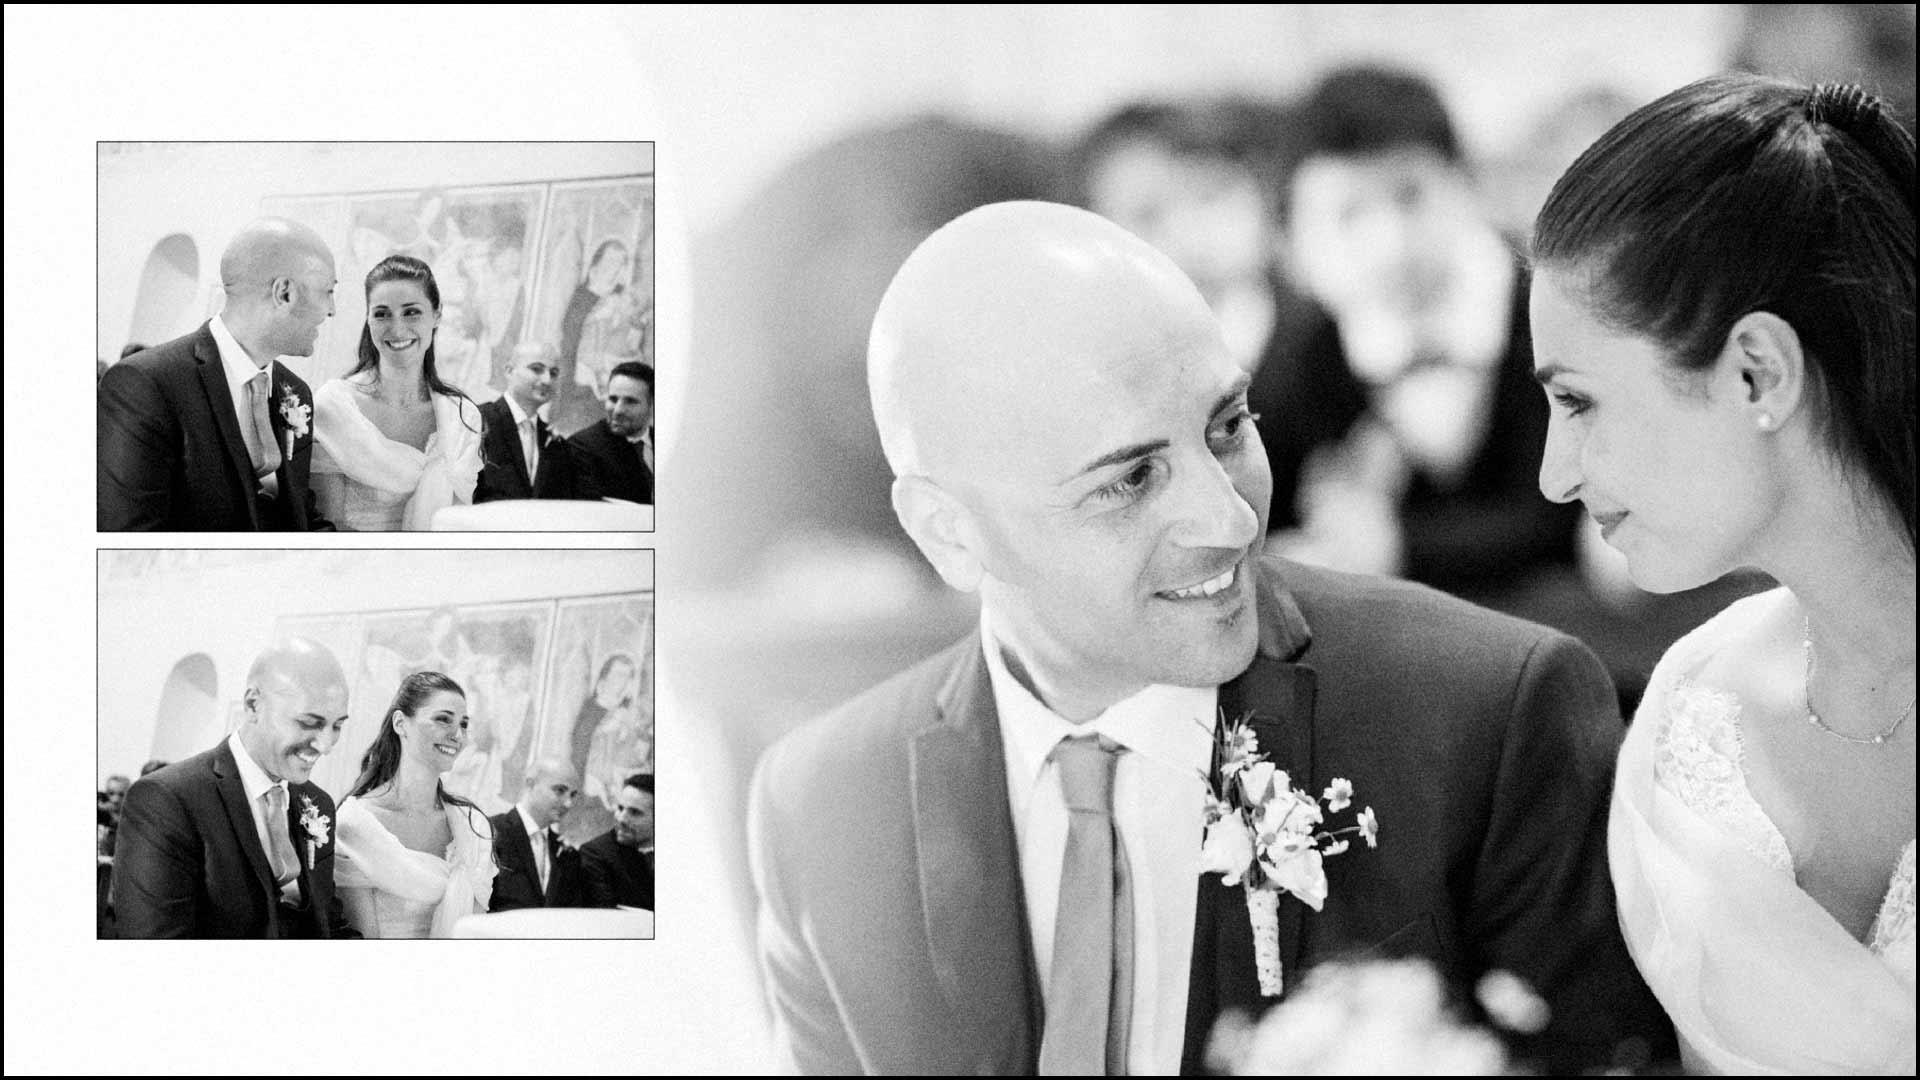 Scambio di sguardi durante la cerimonia nuziale